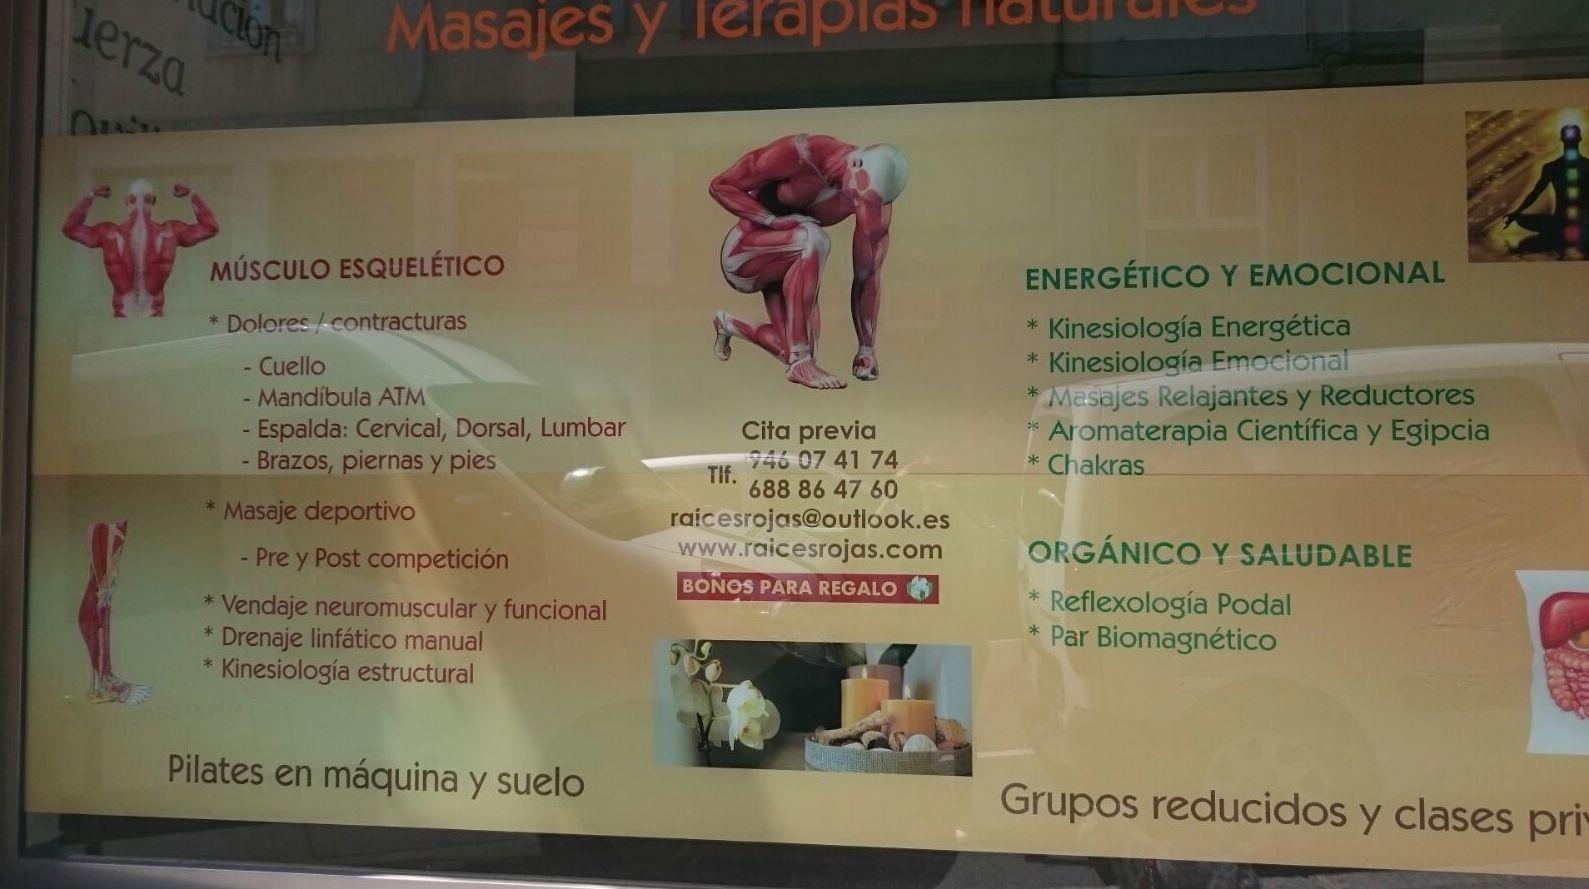 Masajes terapéuticos en Bilbao